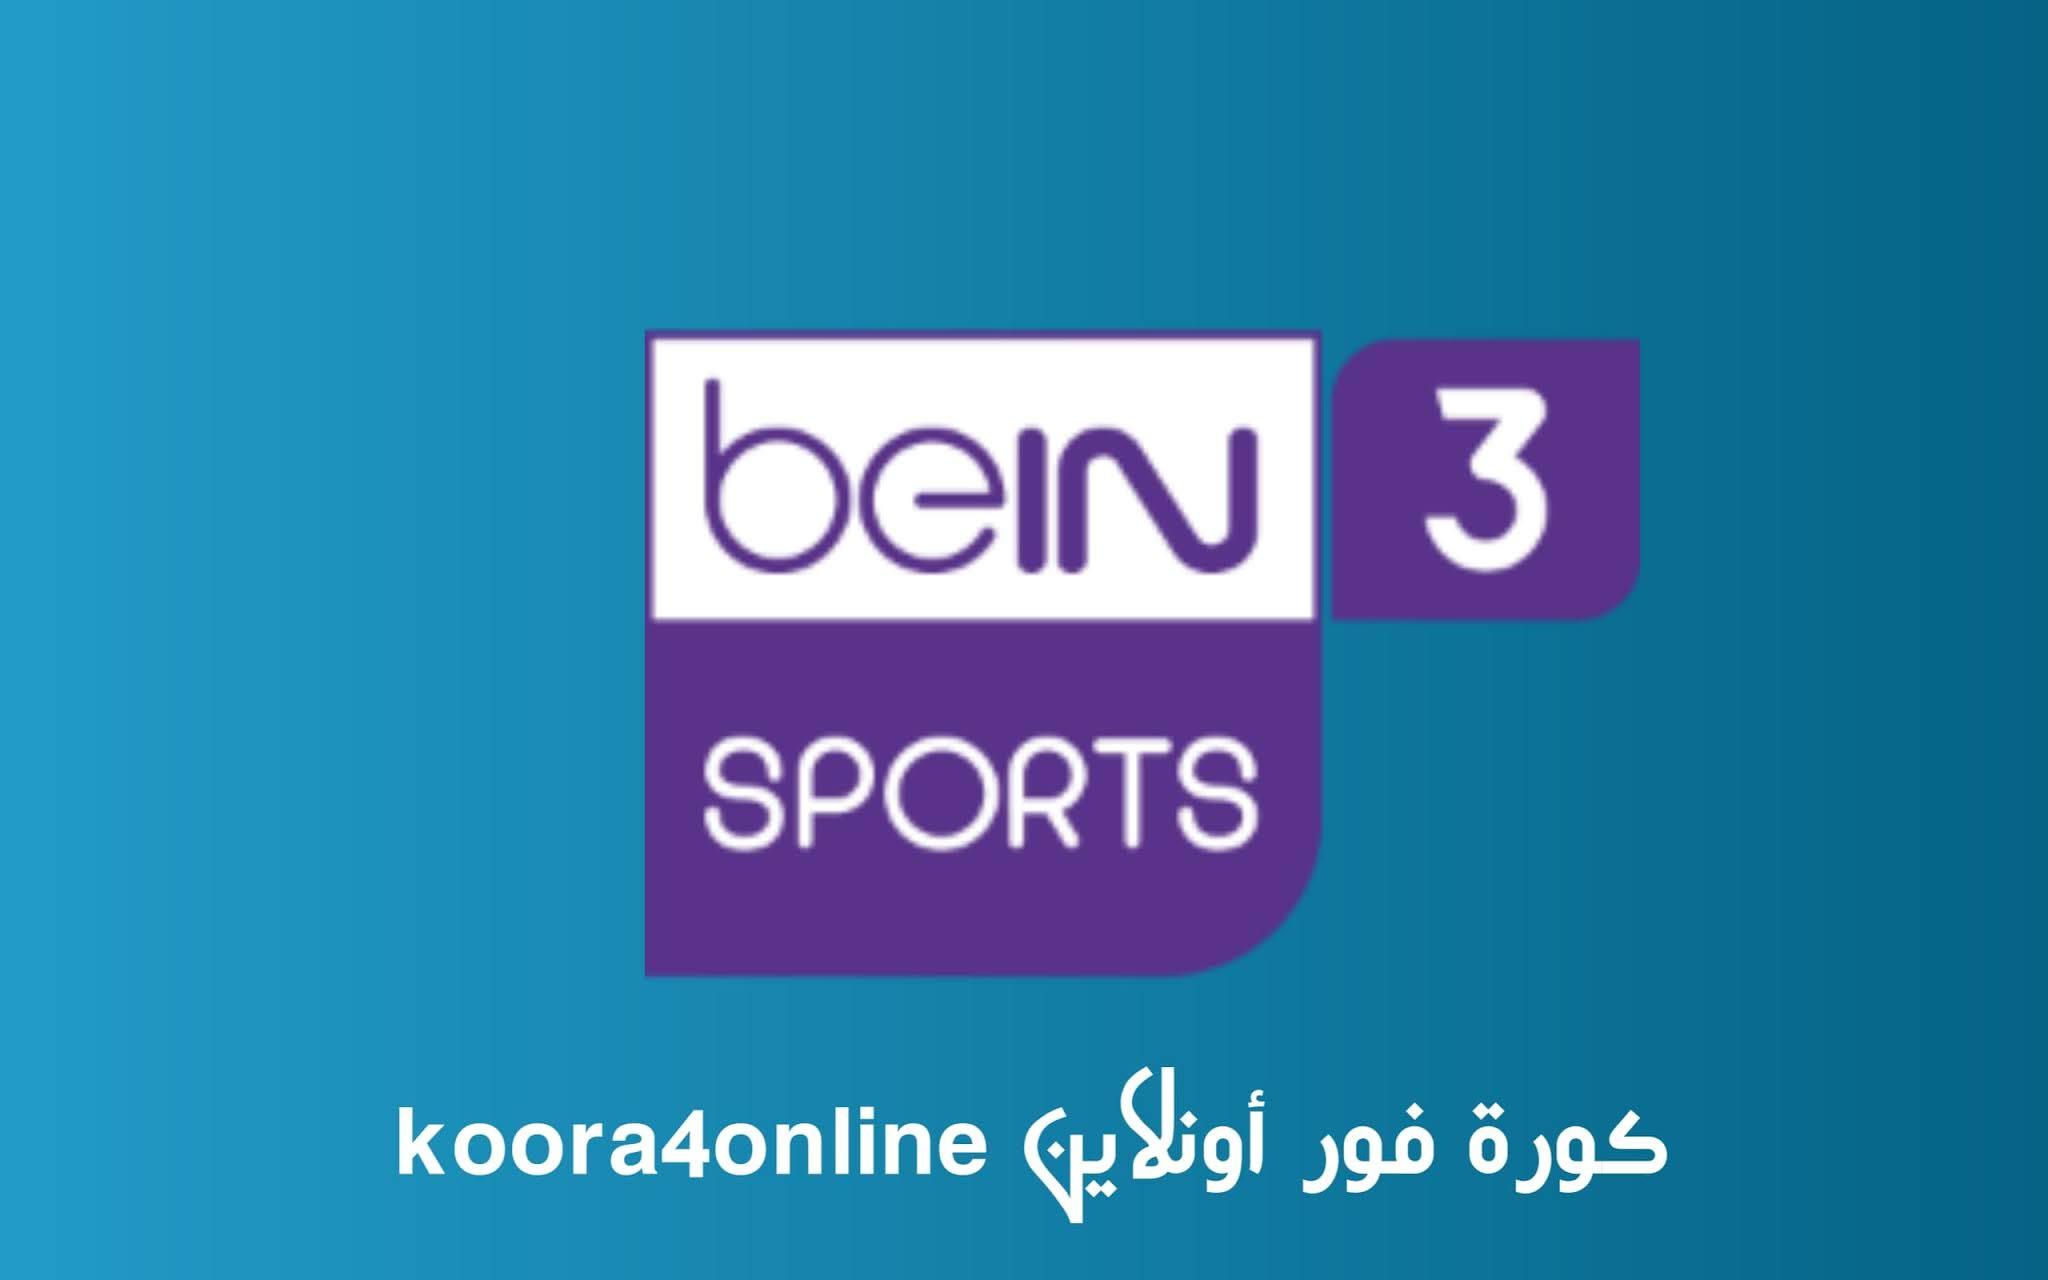 مشاهدة قناة بي إن سبورت لايف 3 - bein  sports 3hd - كورة فور أونلاين